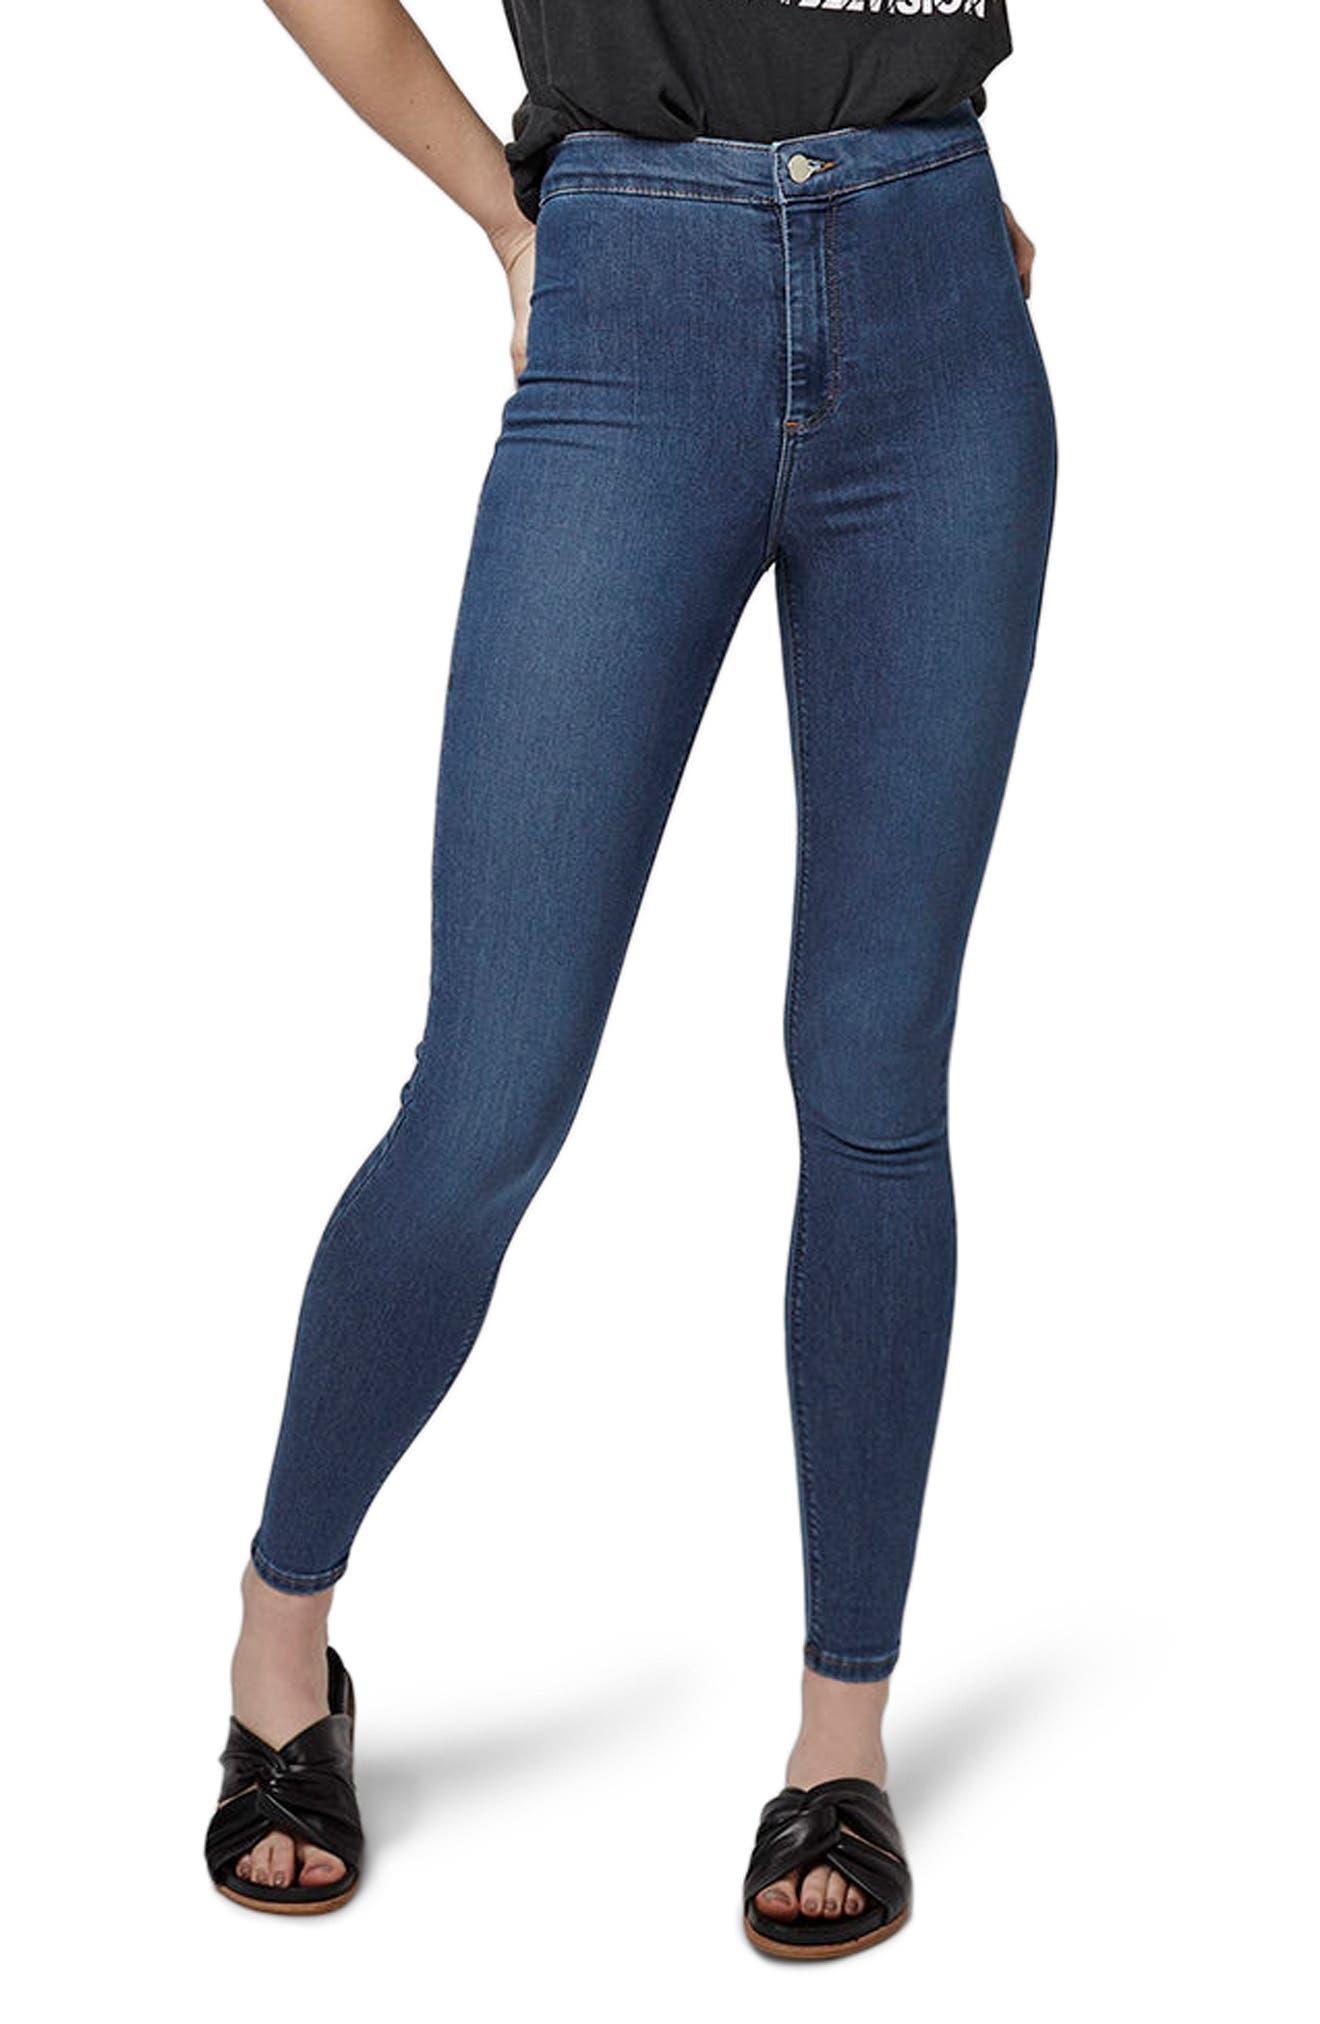 Joni Mid Denim Jeans,                             Main thumbnail 1, color,                             Mid Denim